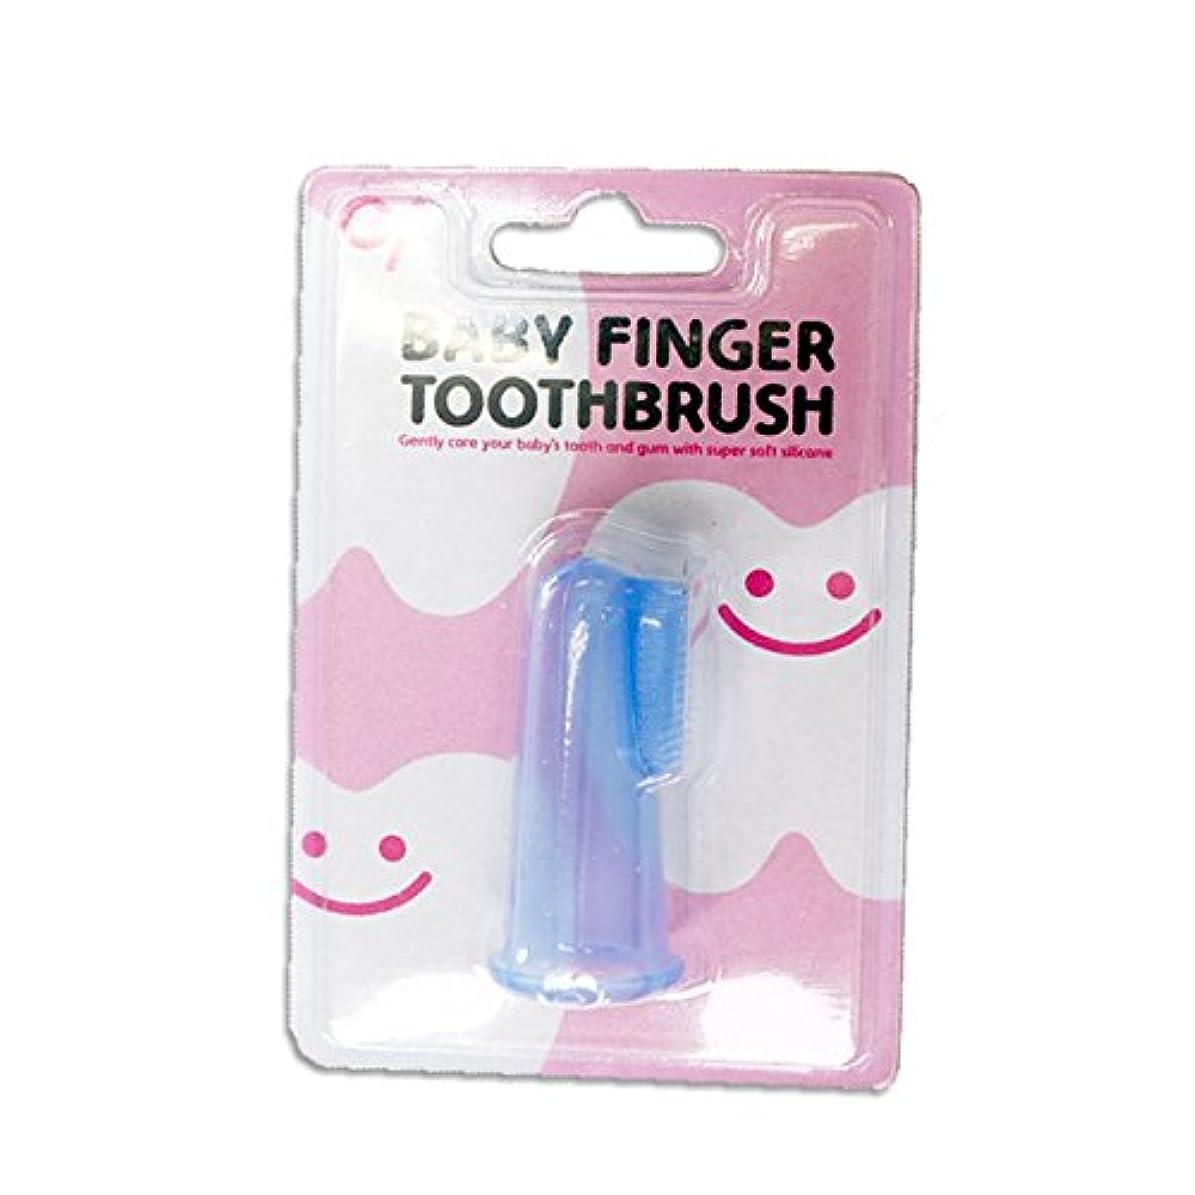 非難する弱い呪いベビーフィンガートゥースブラッシュ ベビーフィンガー歯ブラシ 12個入り BABY FINGER TOOTHBRUSH